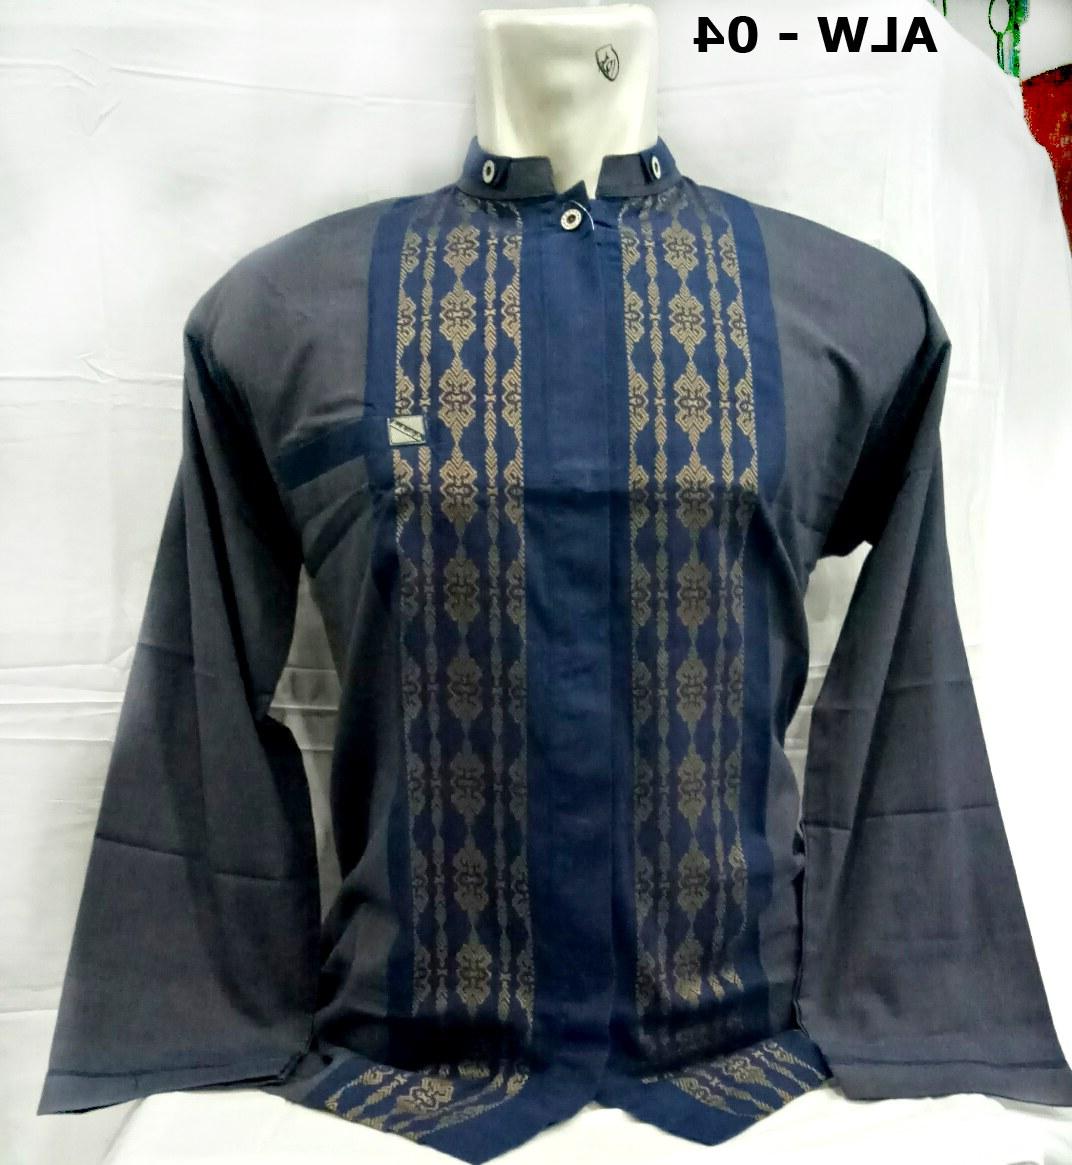 Ide Baju Lebaran 2018 Pria 3id6 Gambar Baju Muslim Pria Baju Koko Lengan Panjang Model